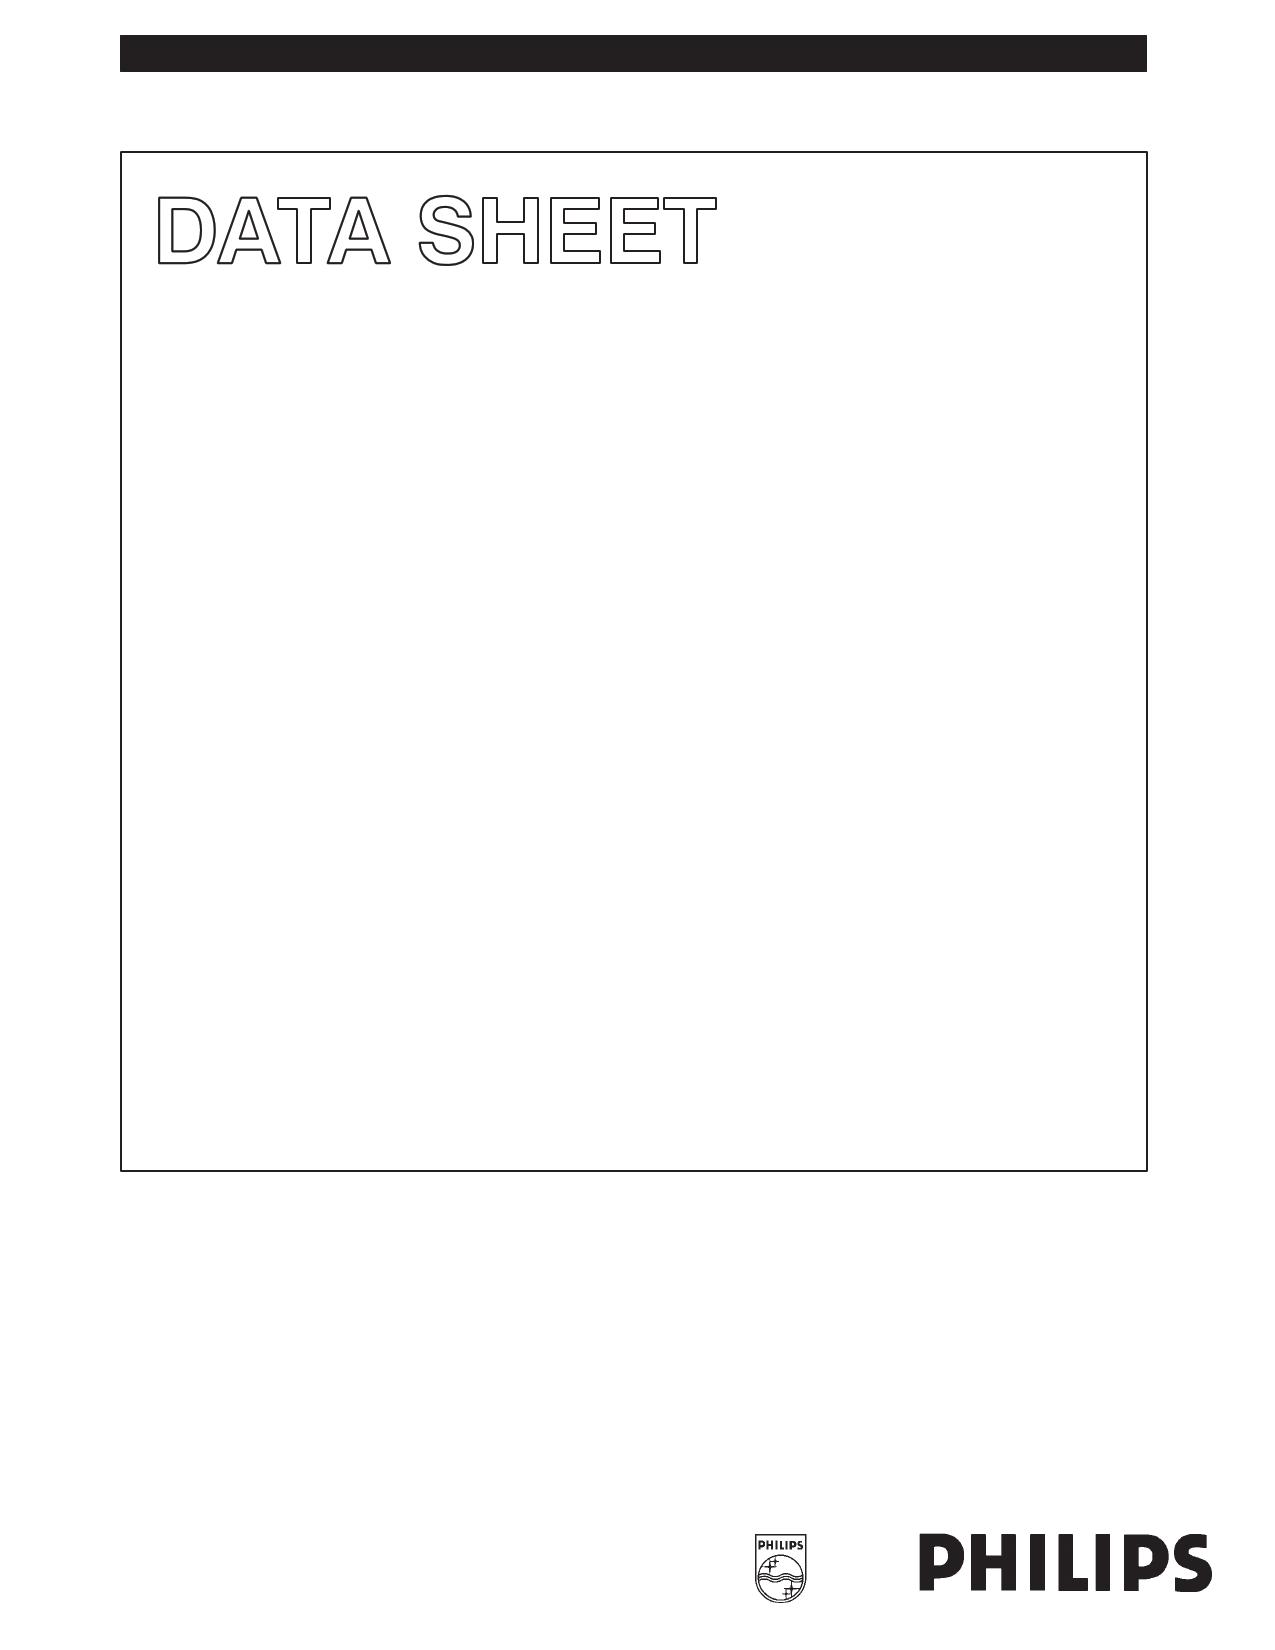 74LVU04DB دیتاشیت PDF